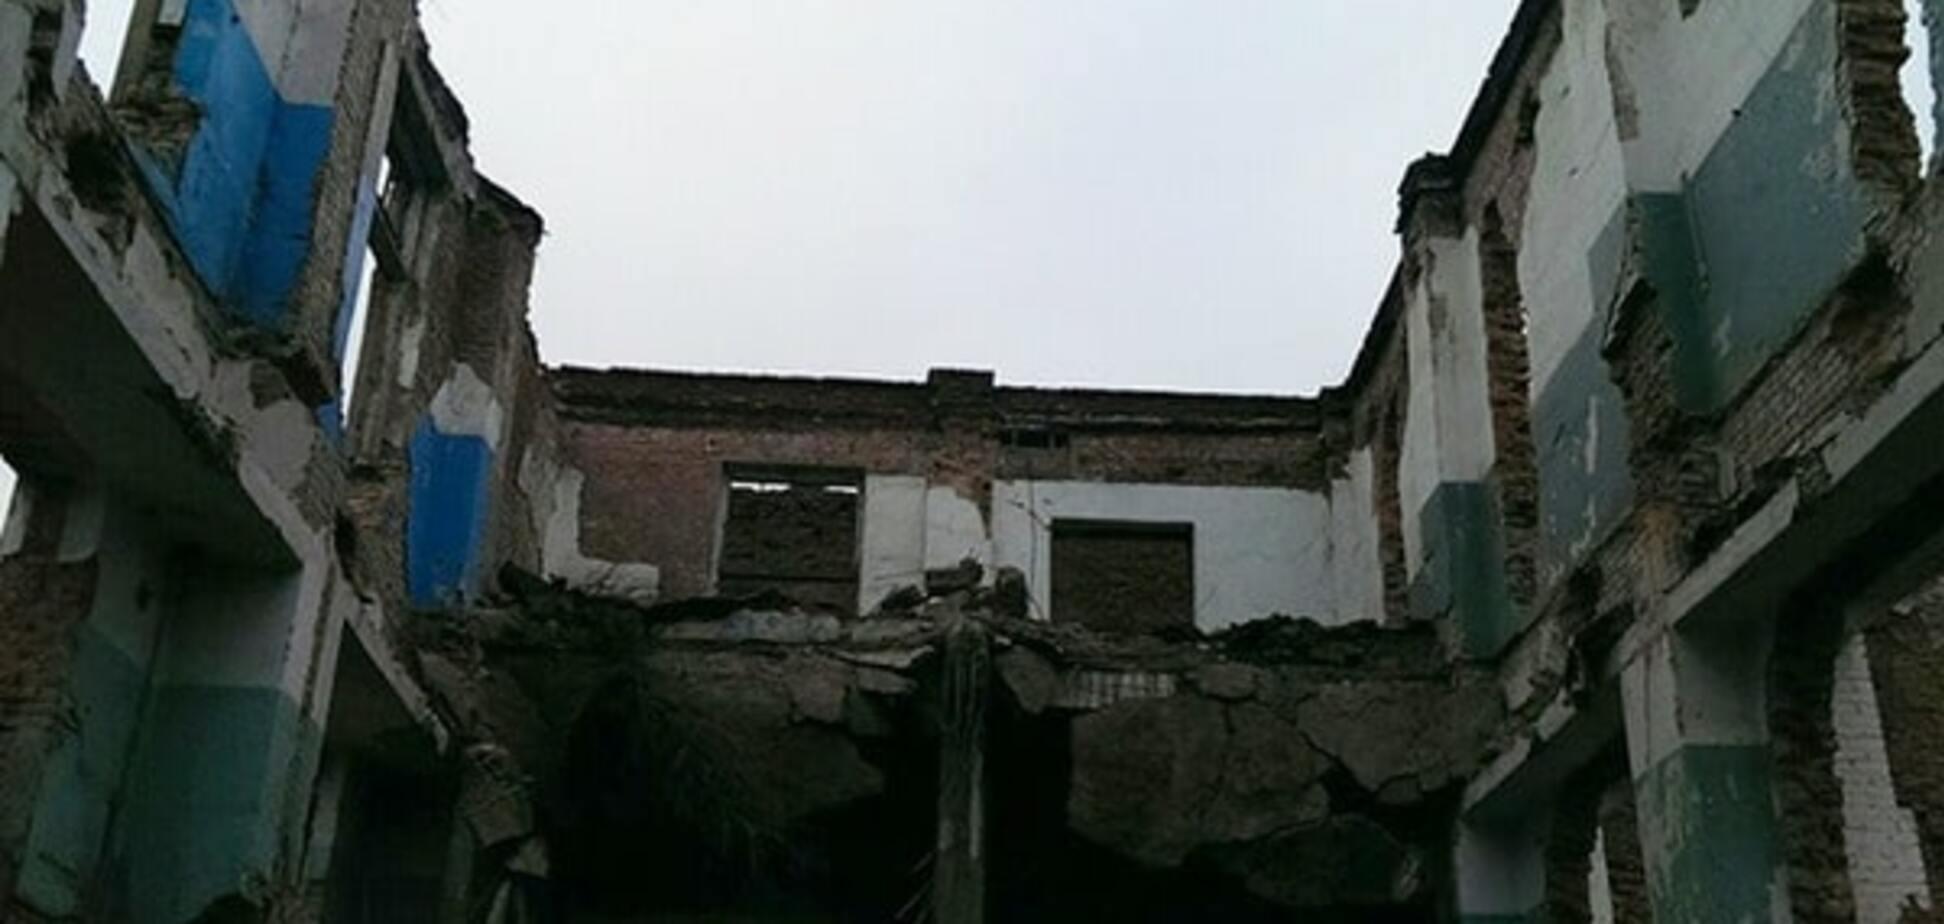 На Николаевщине рухнул завод, похоронив людей: фото с места трагедии